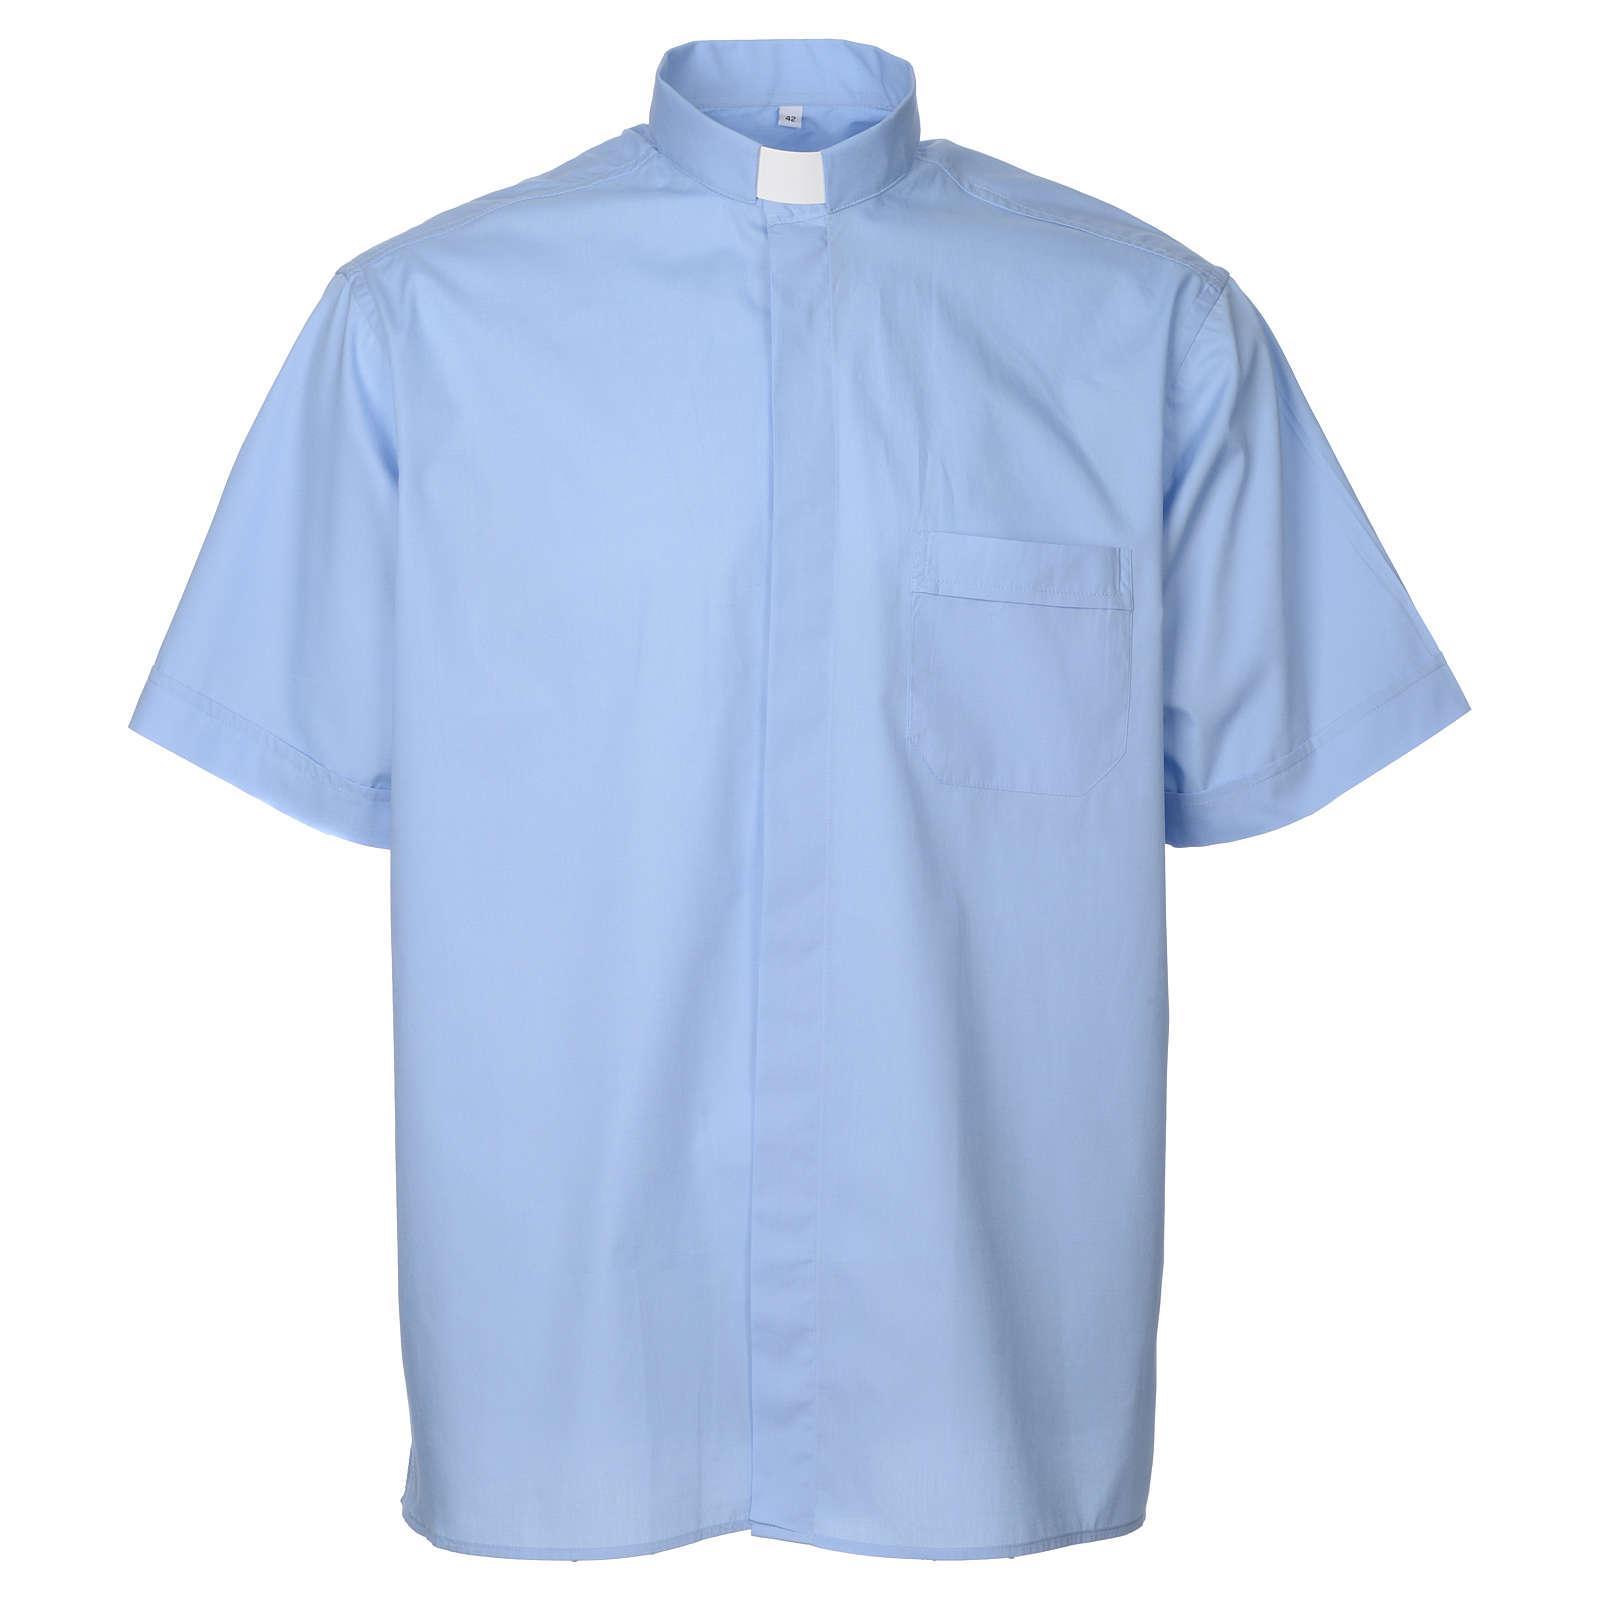 STOCK Camisa clergy de popelina manga corta celesteSTOCK 4